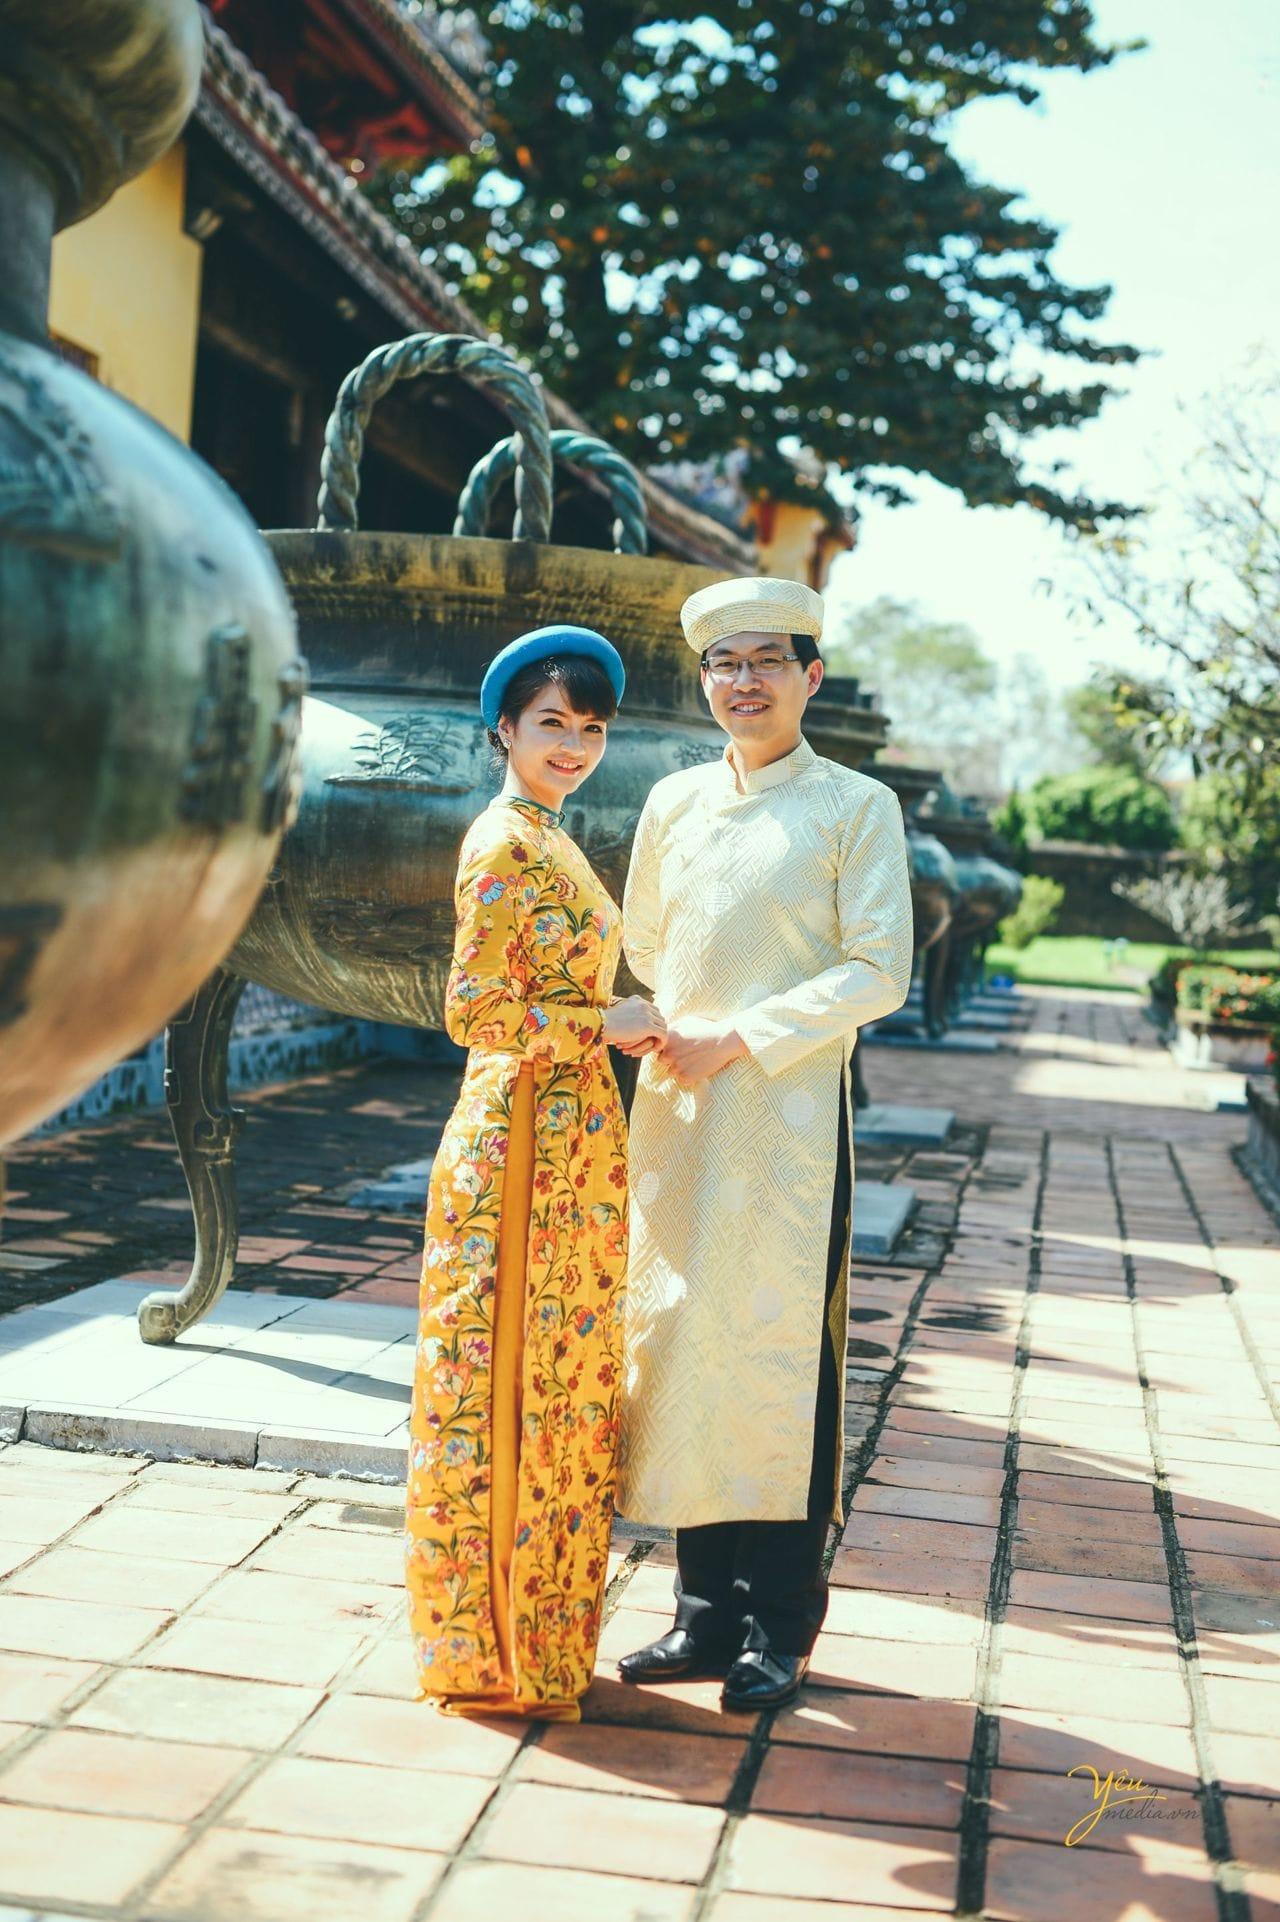 cô dâu chú rể chụp ảnh áo dài gấm truyền thống